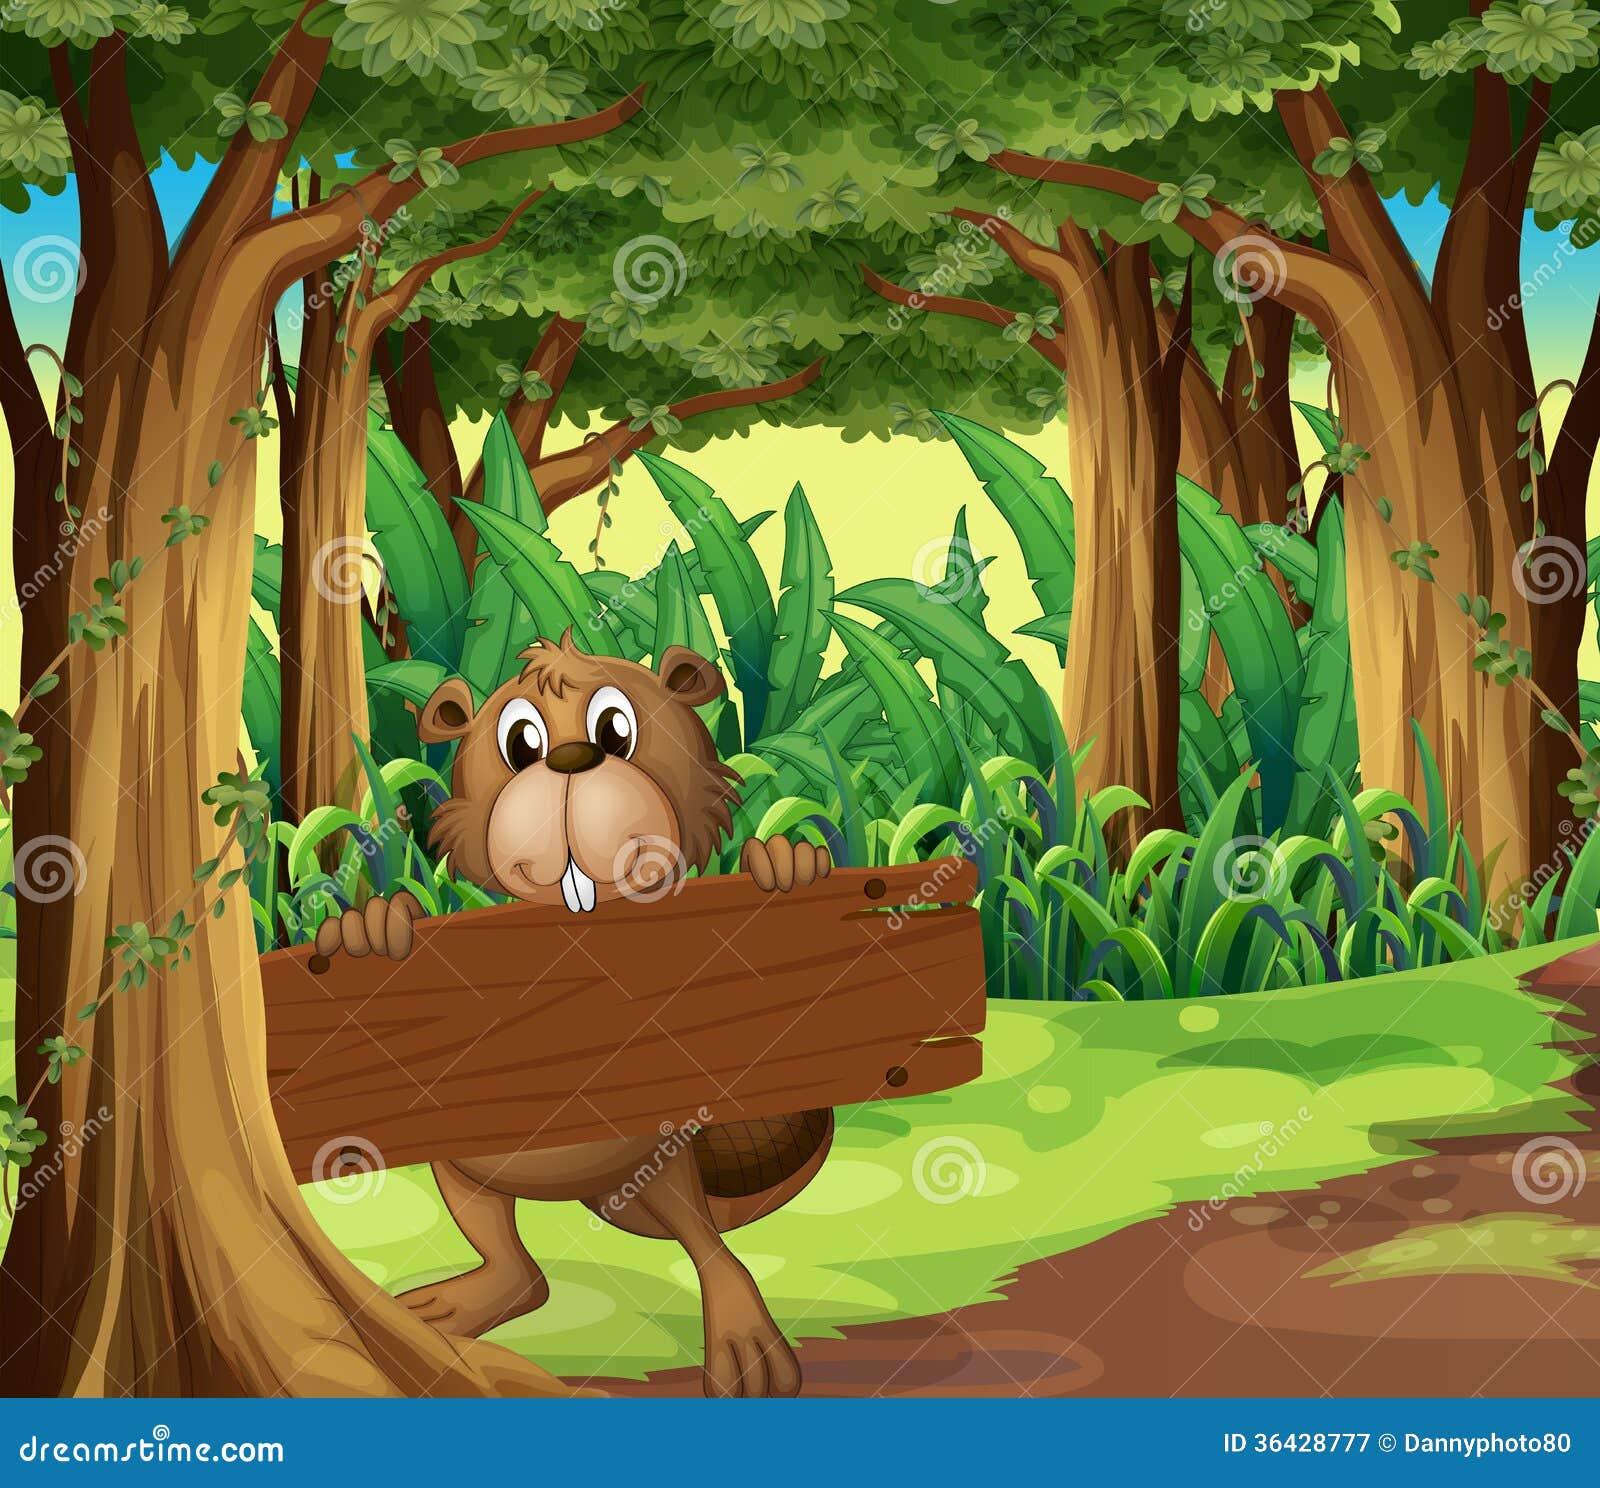 Ein Wald mit einem Biber, der ein leeres Brett unter dem Baum hält